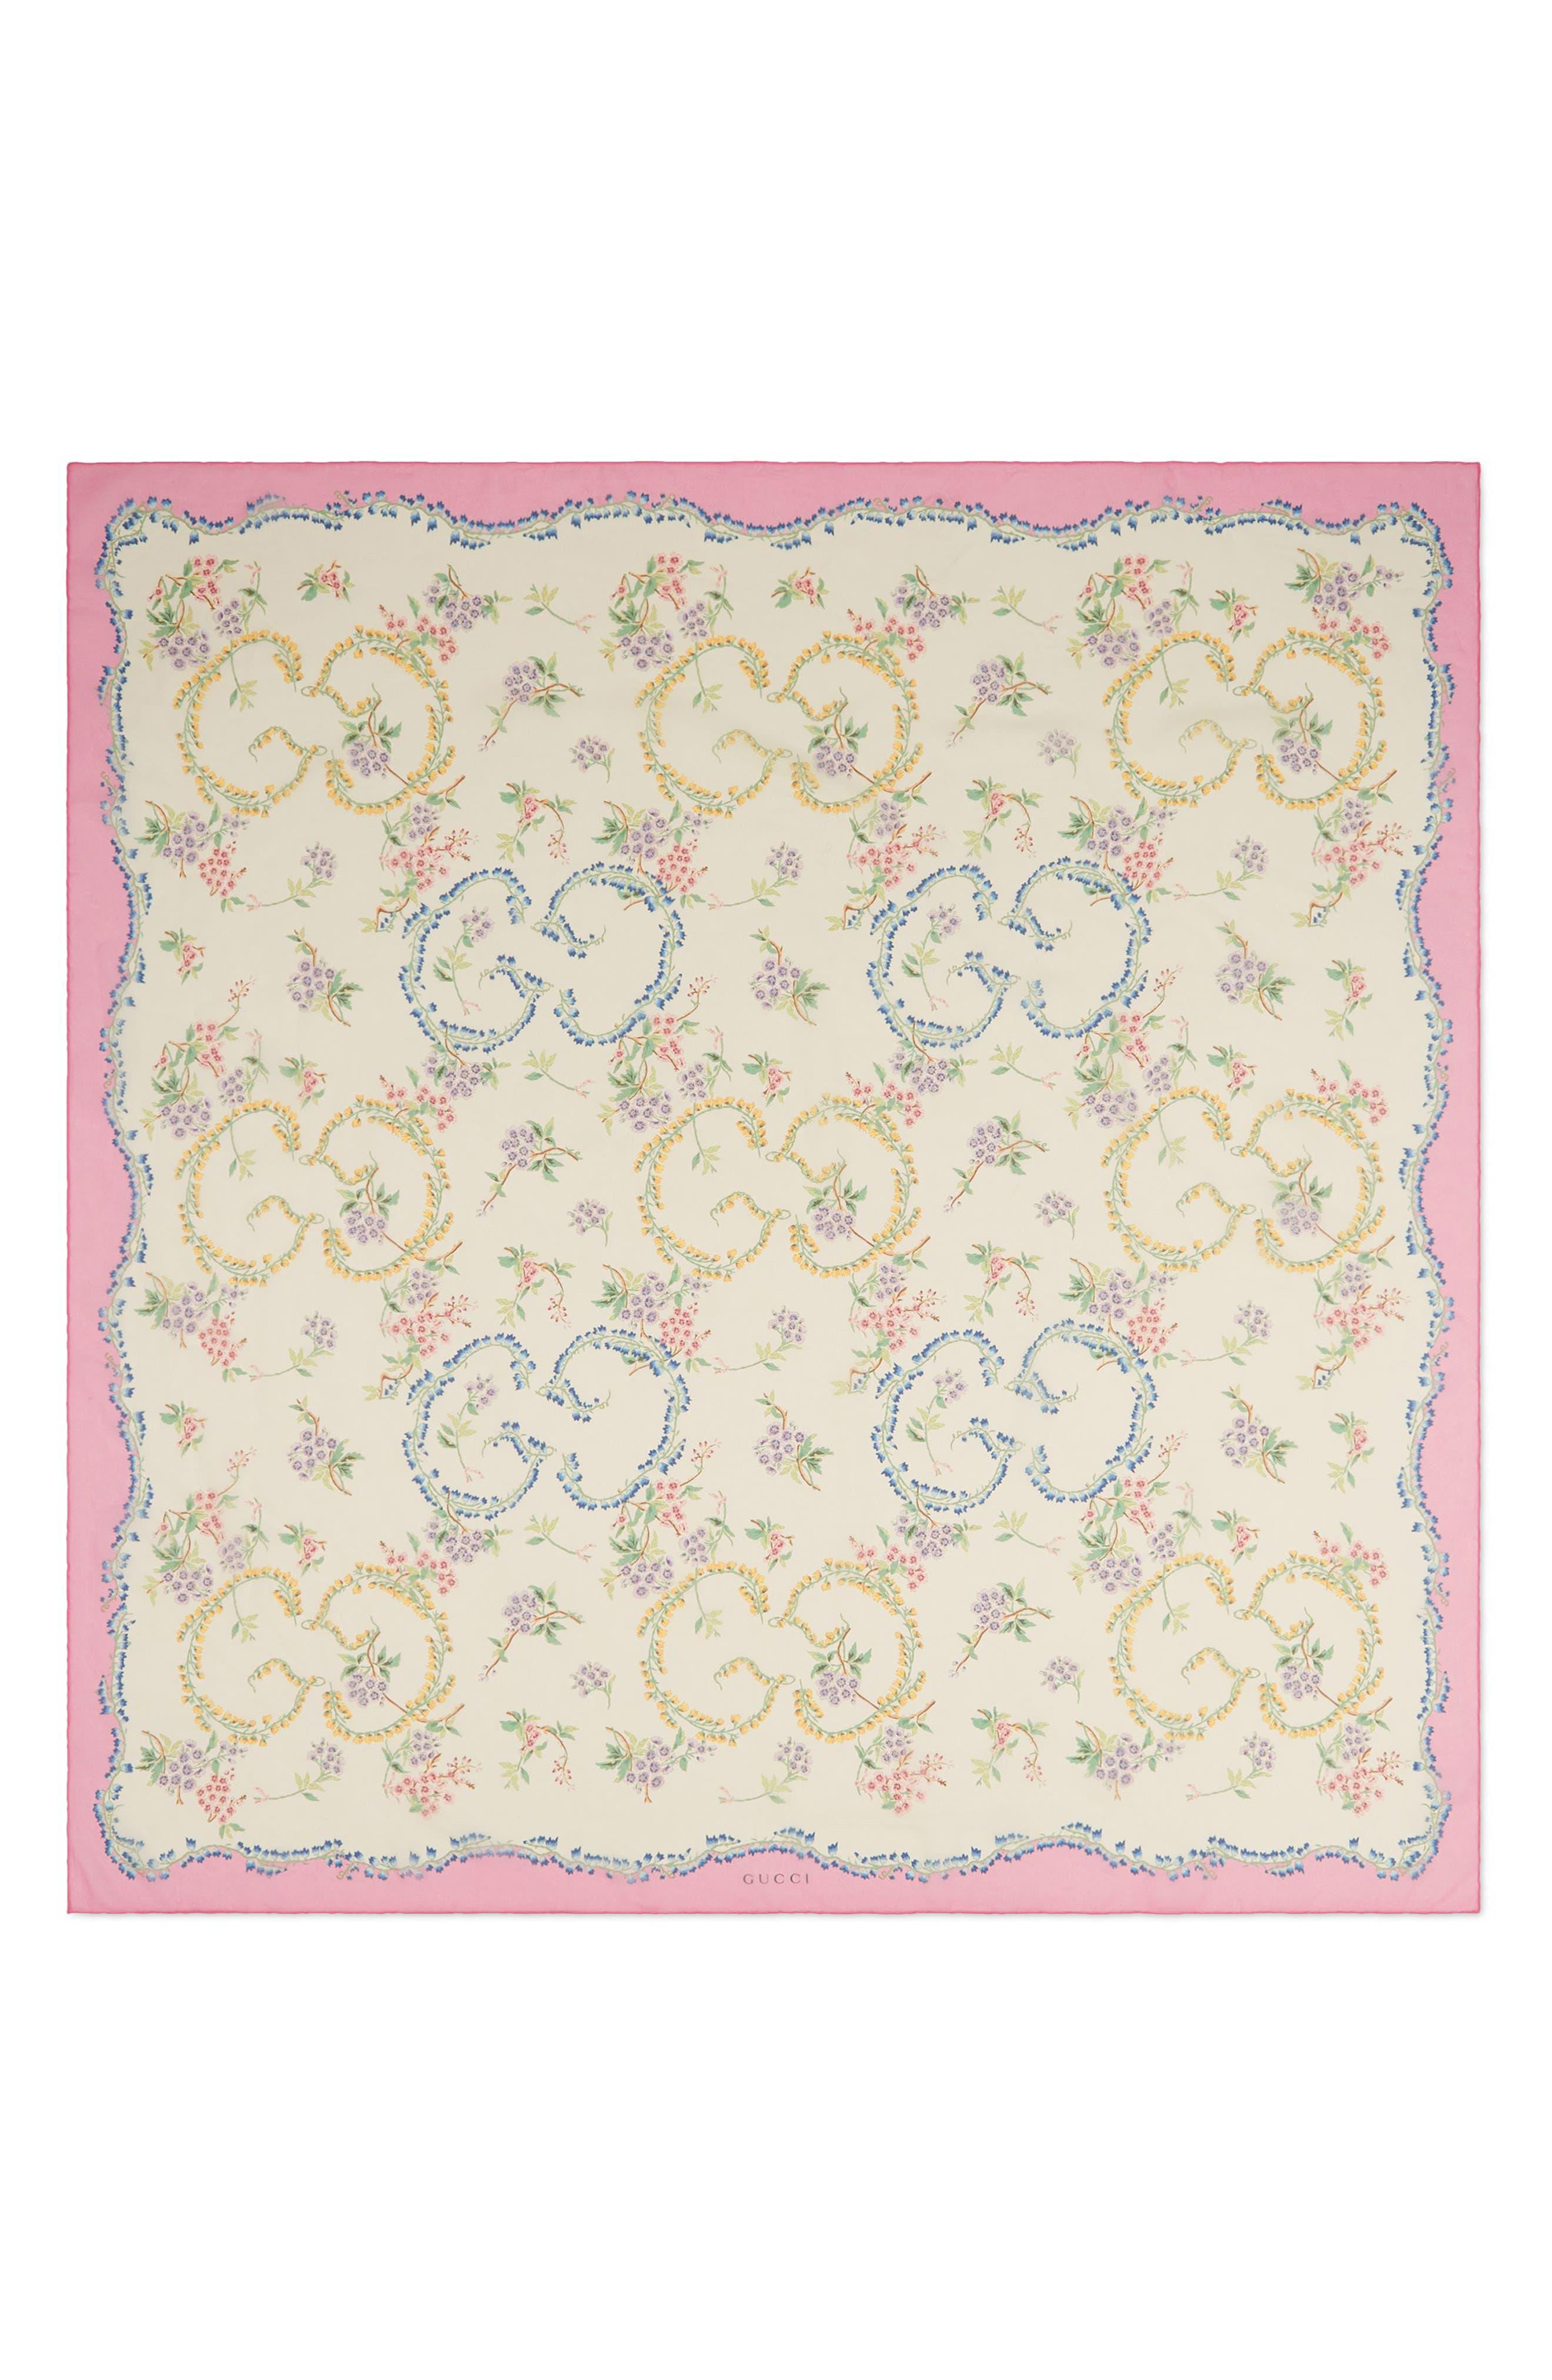 Provence Silk Shawl,                             Main thumbnail 1, color,                             IVORY/ PINK